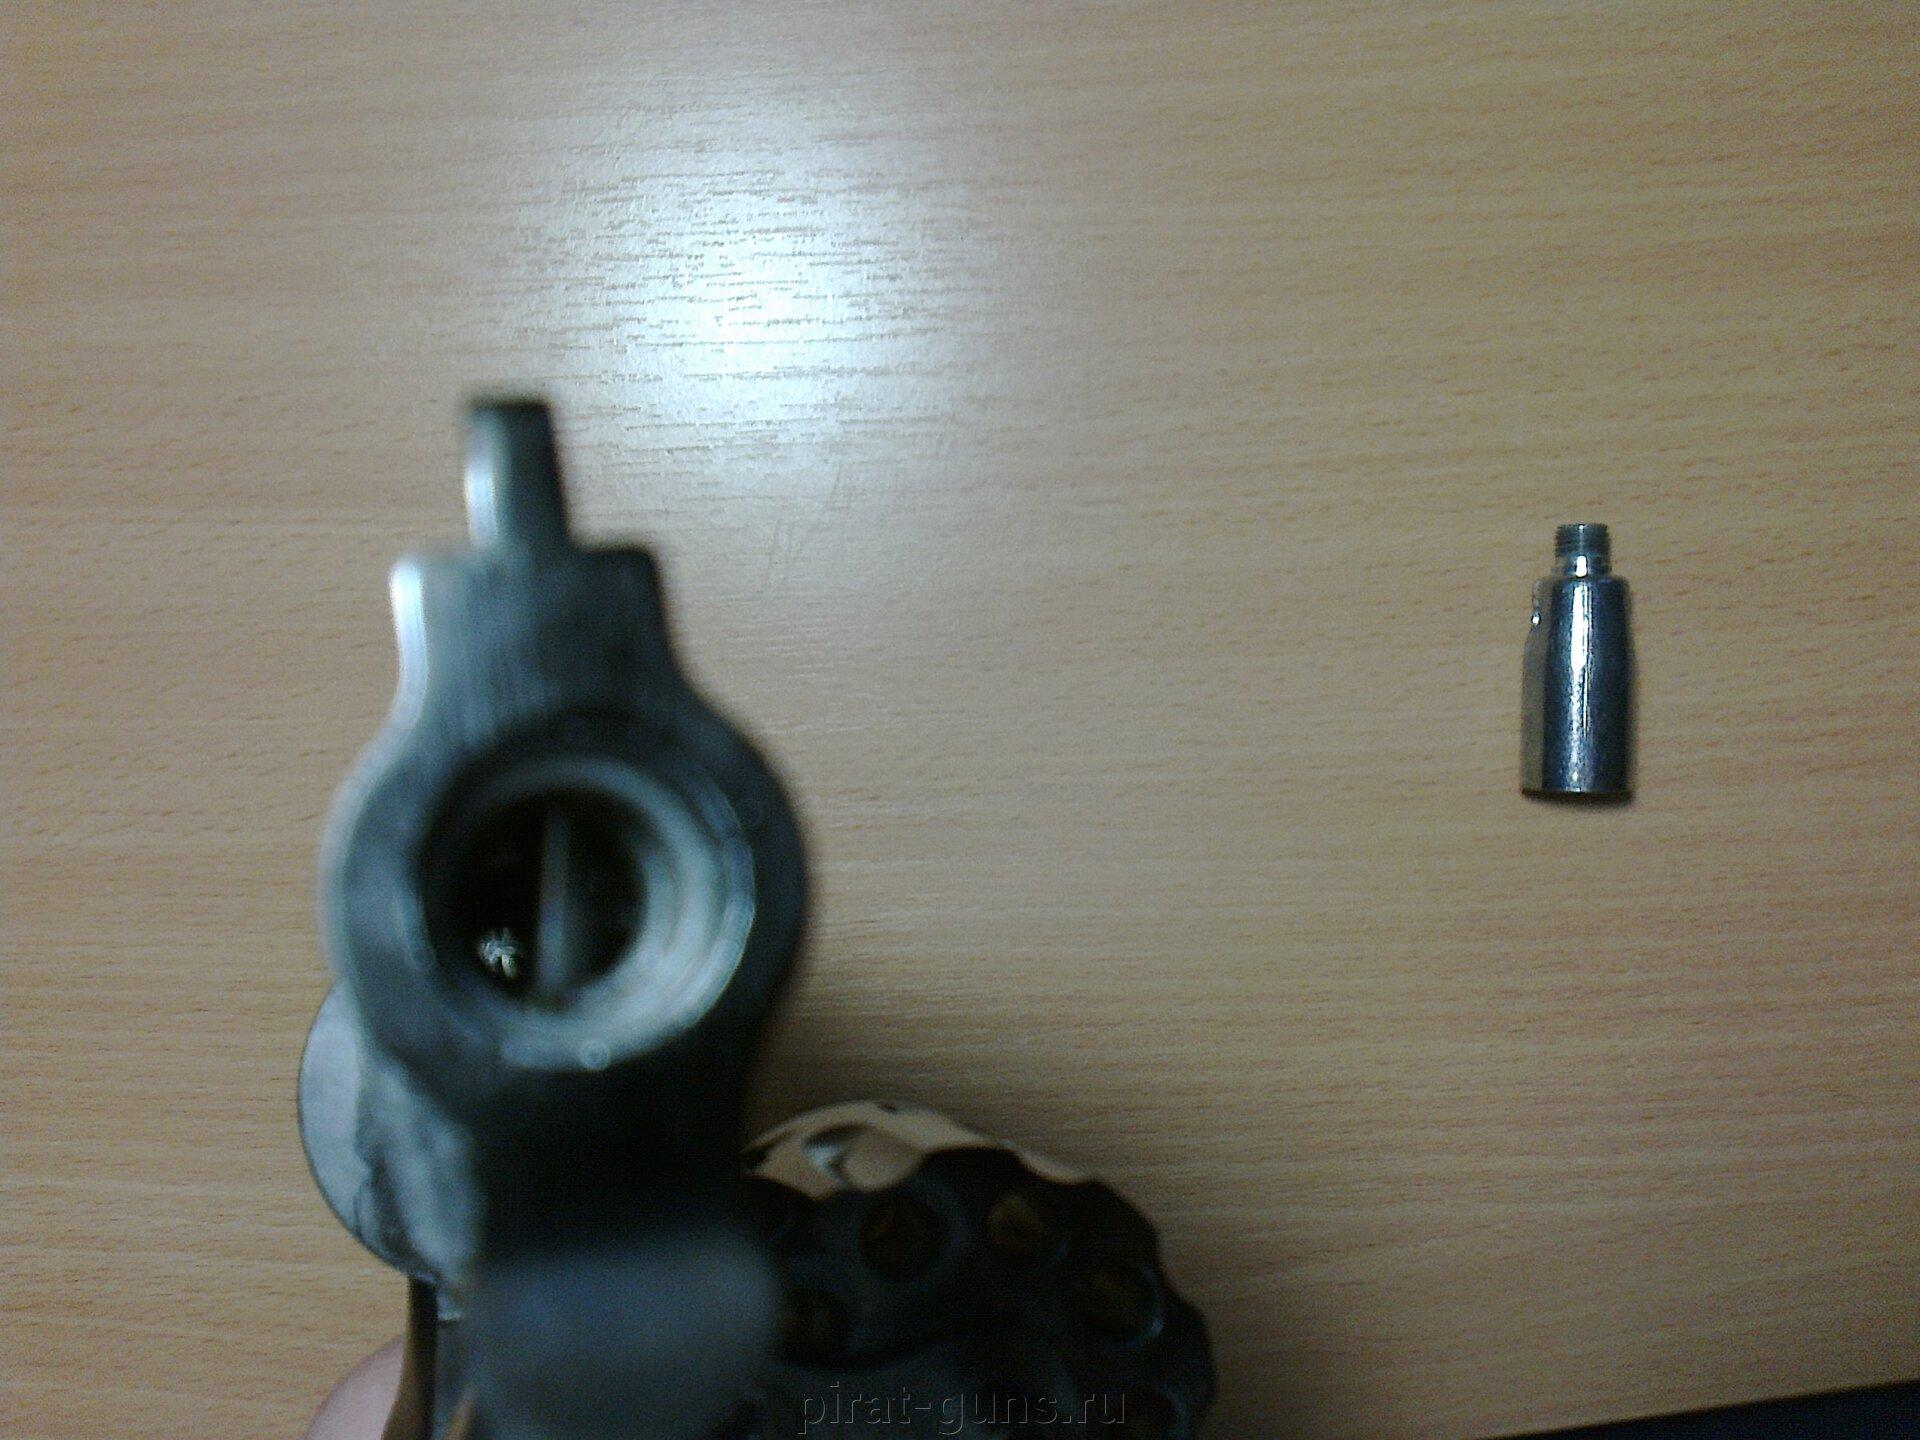 Сигнальный револьвер Lom S (металлический барабан) - фото pic_c2c4fafc6edd47d8278ada3419ae61e2_1920x9000_1.jpg